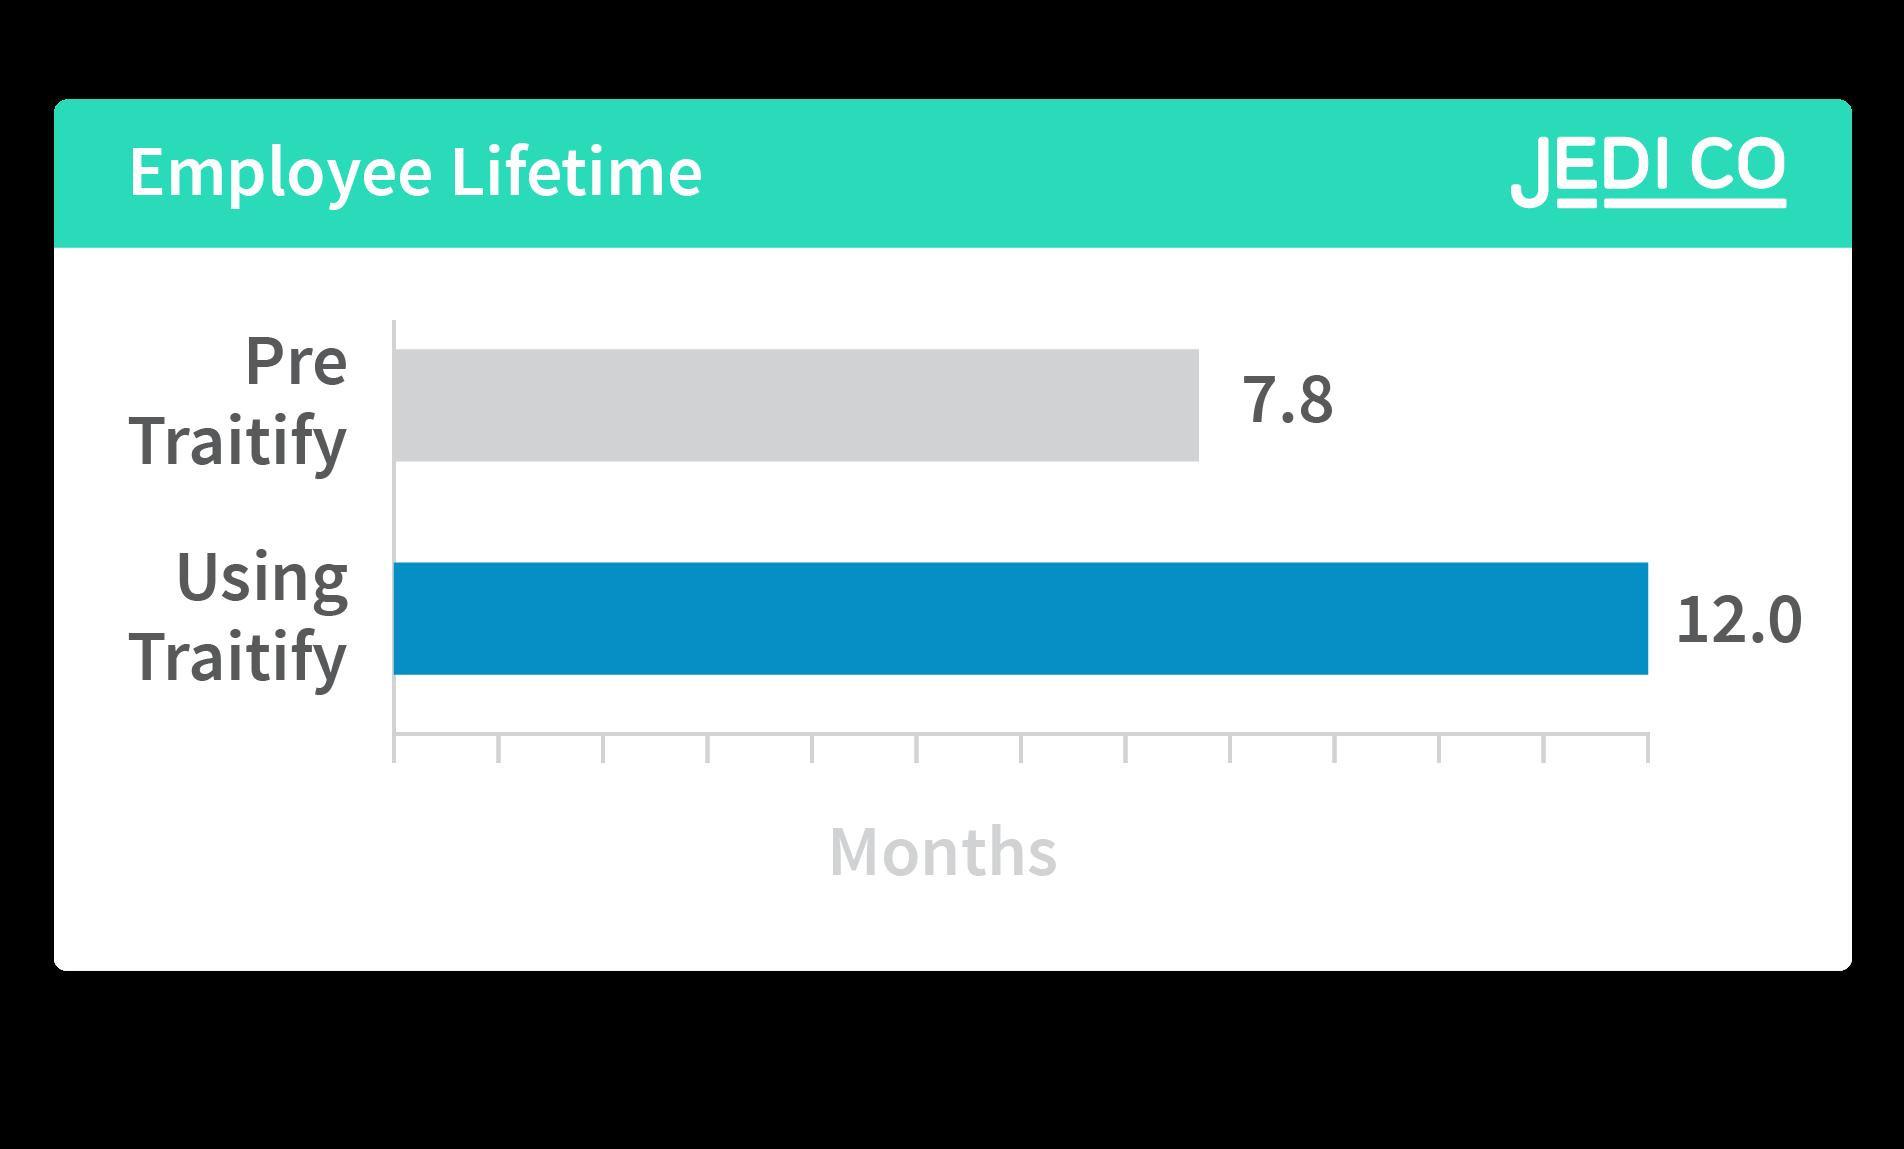 Employee Lifetime